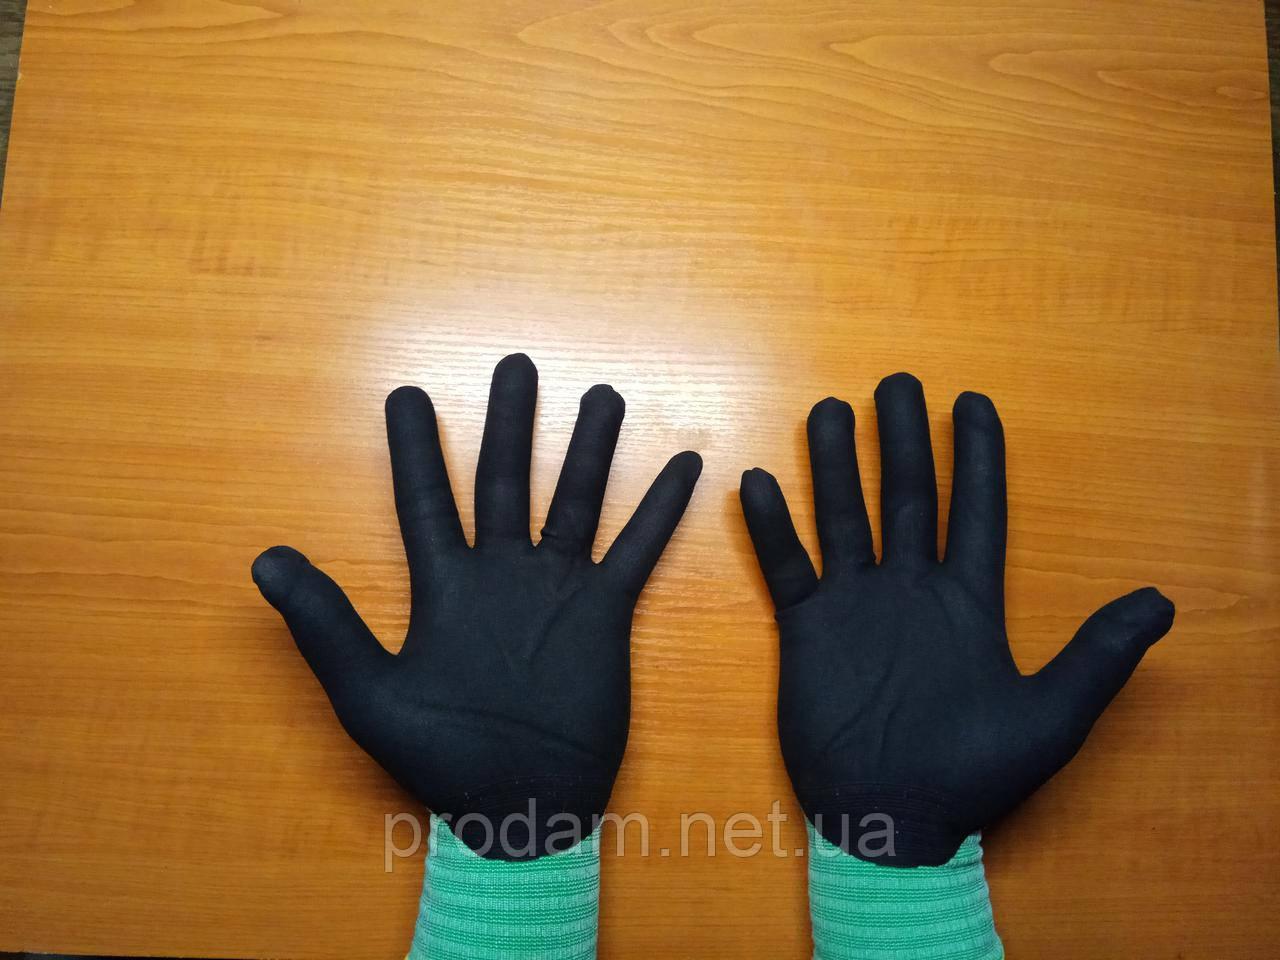 Защитные робочие перчатки prs